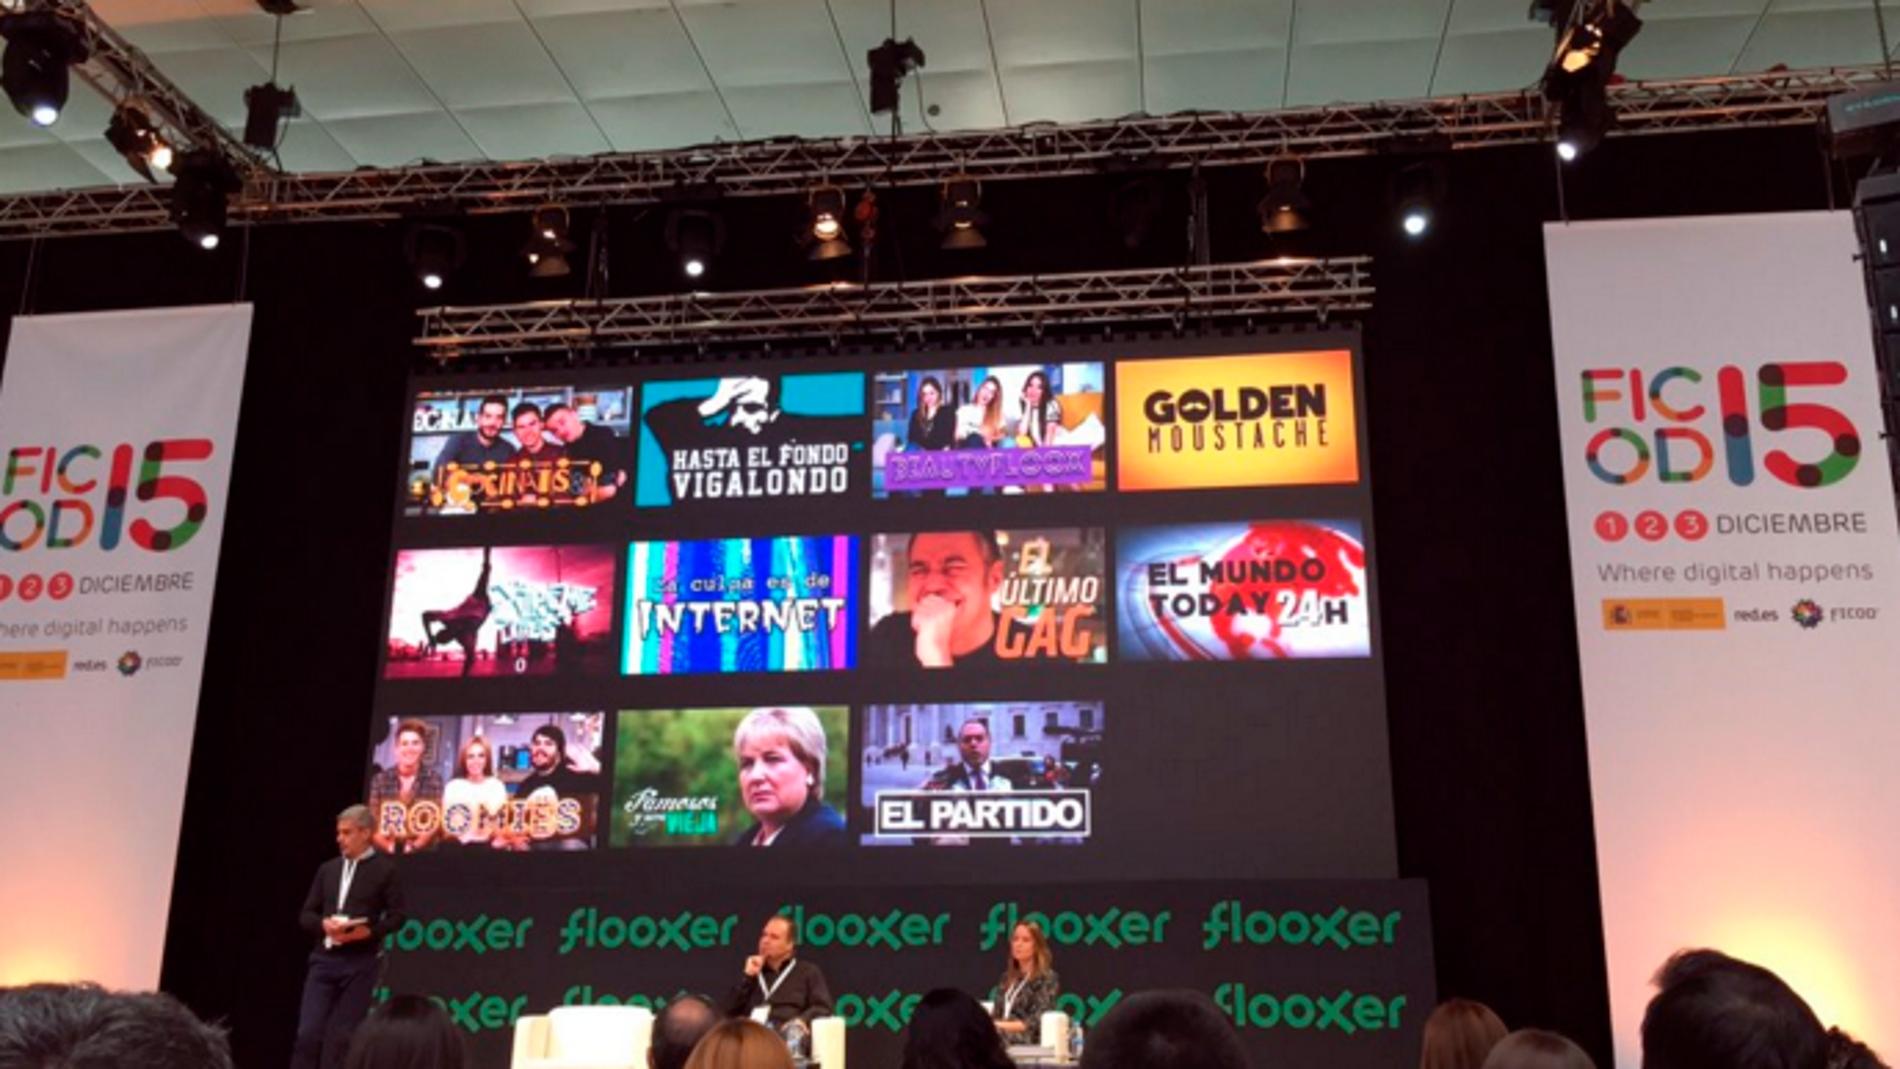 Flooxer, en FICOD 2015